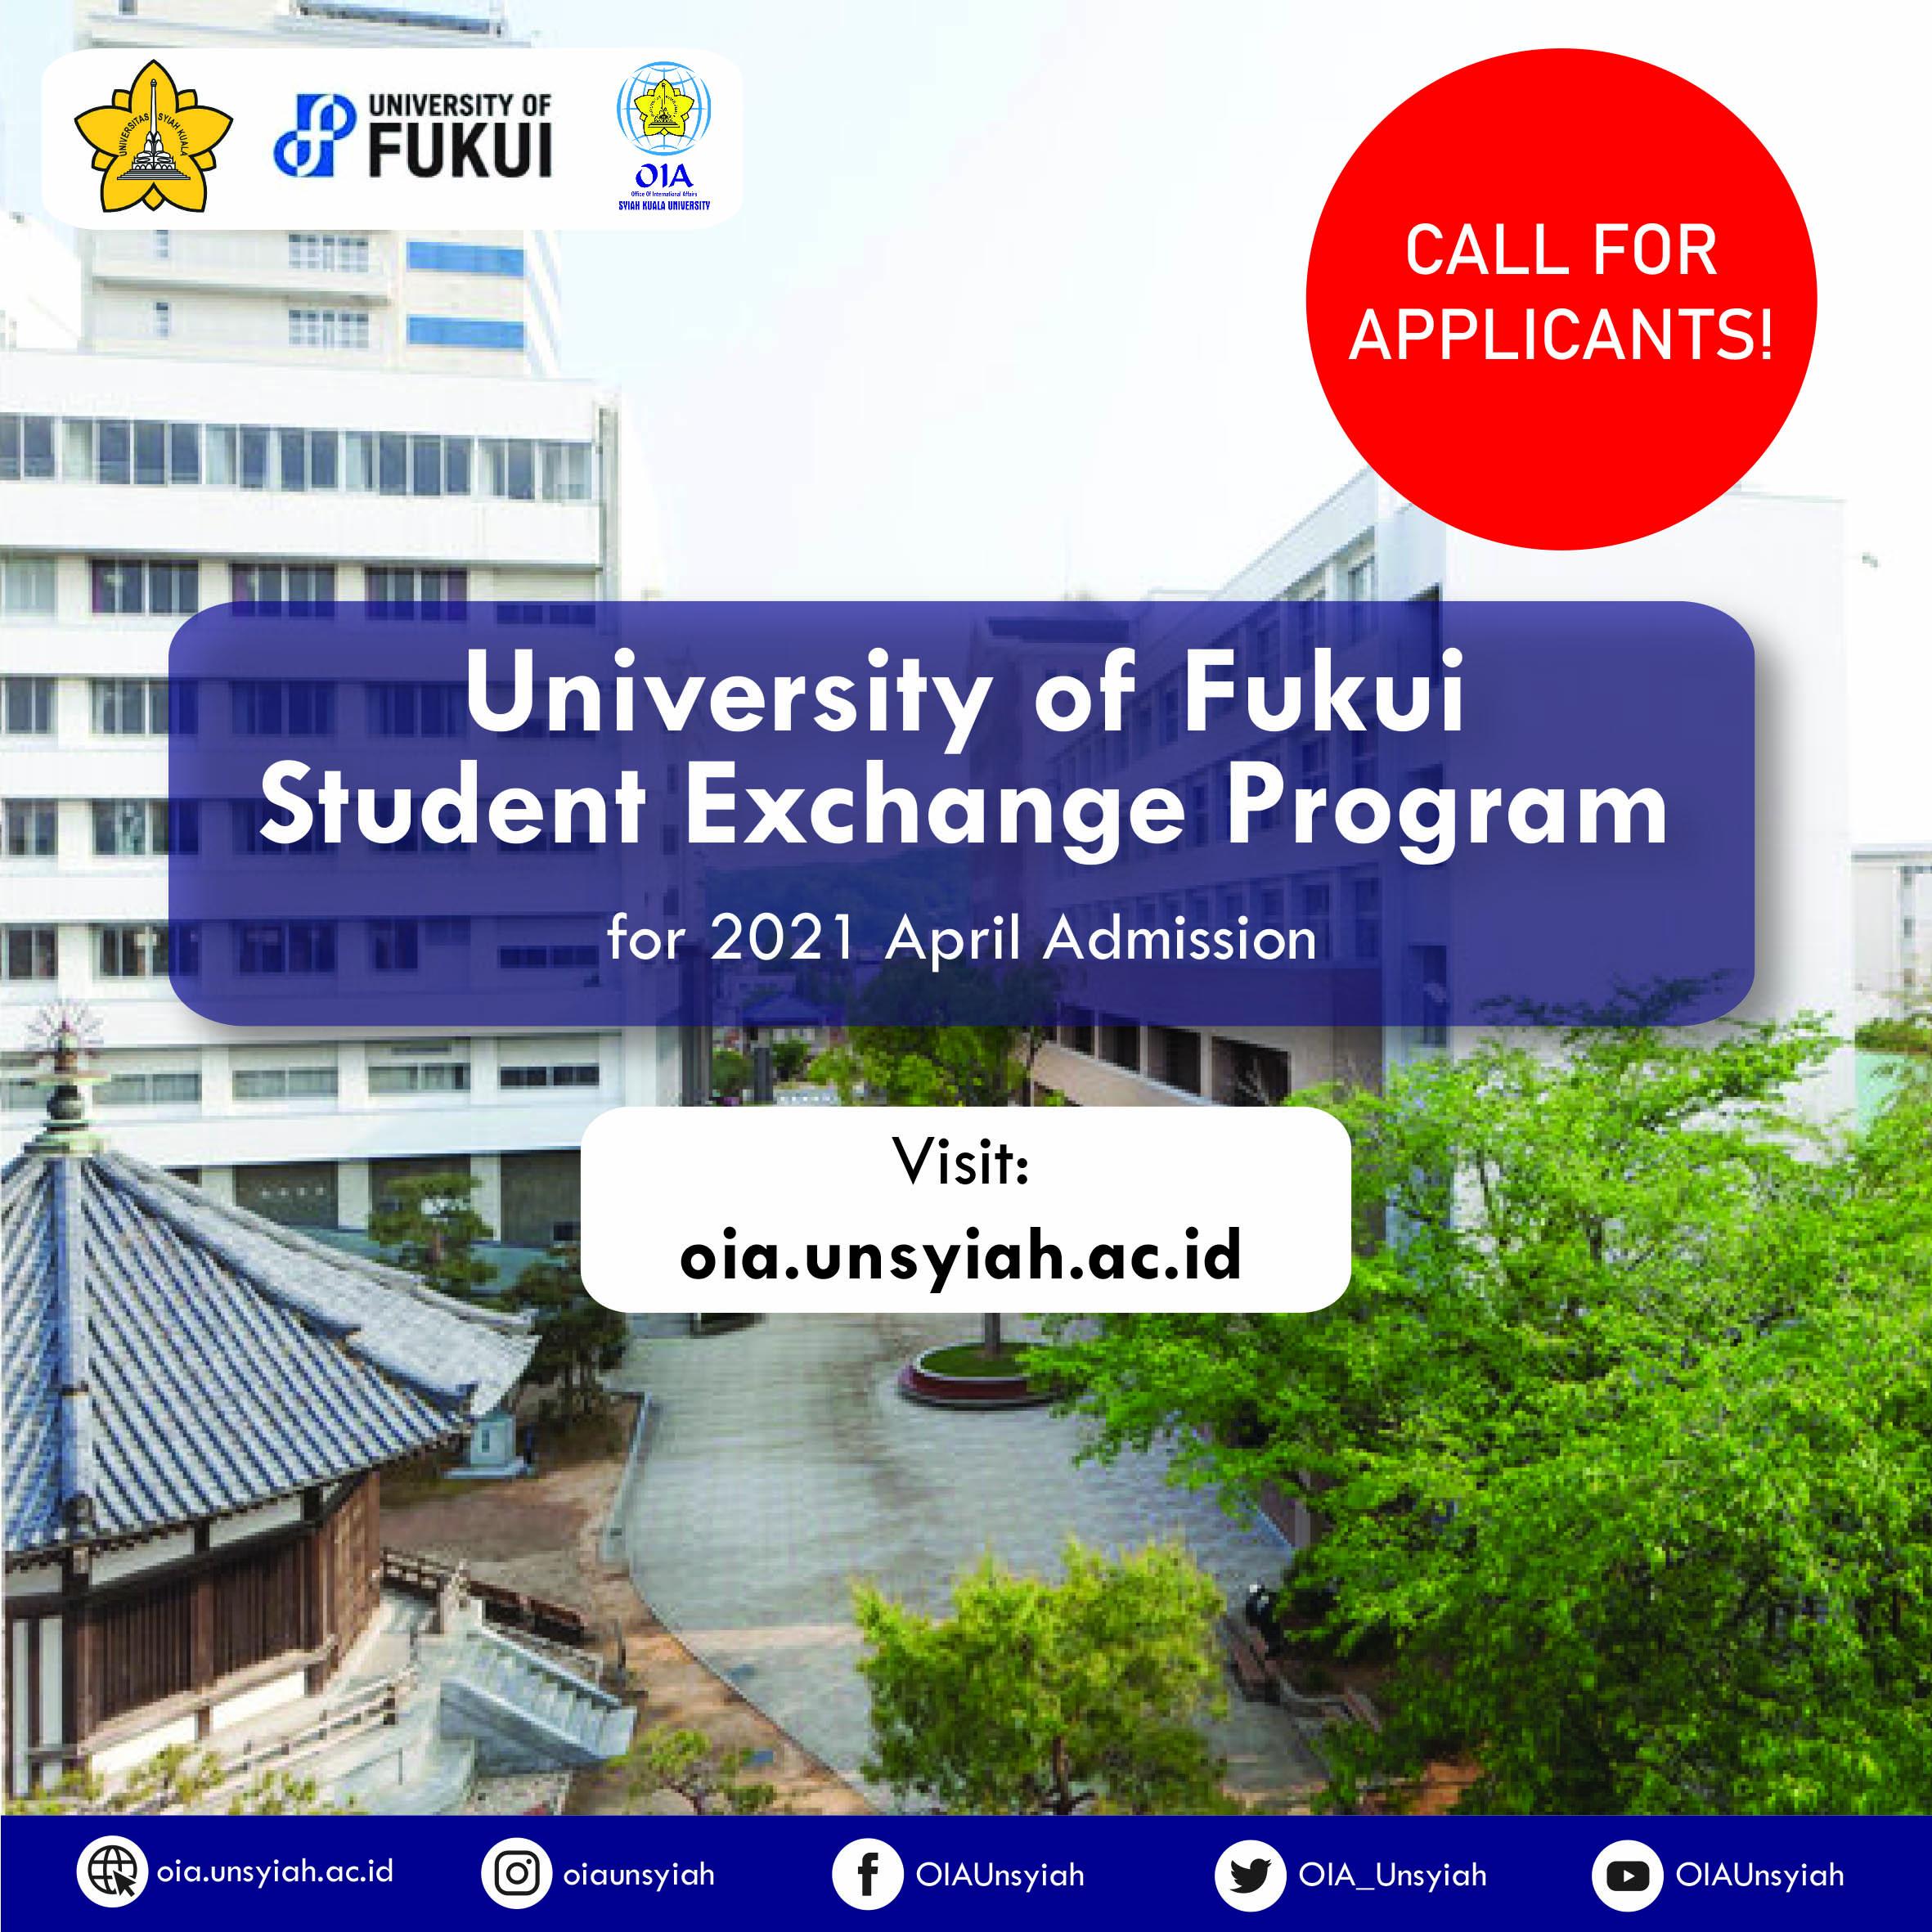 UNIVERSITY OF FUKUI STUDENT EXCHANGE PROGRAM